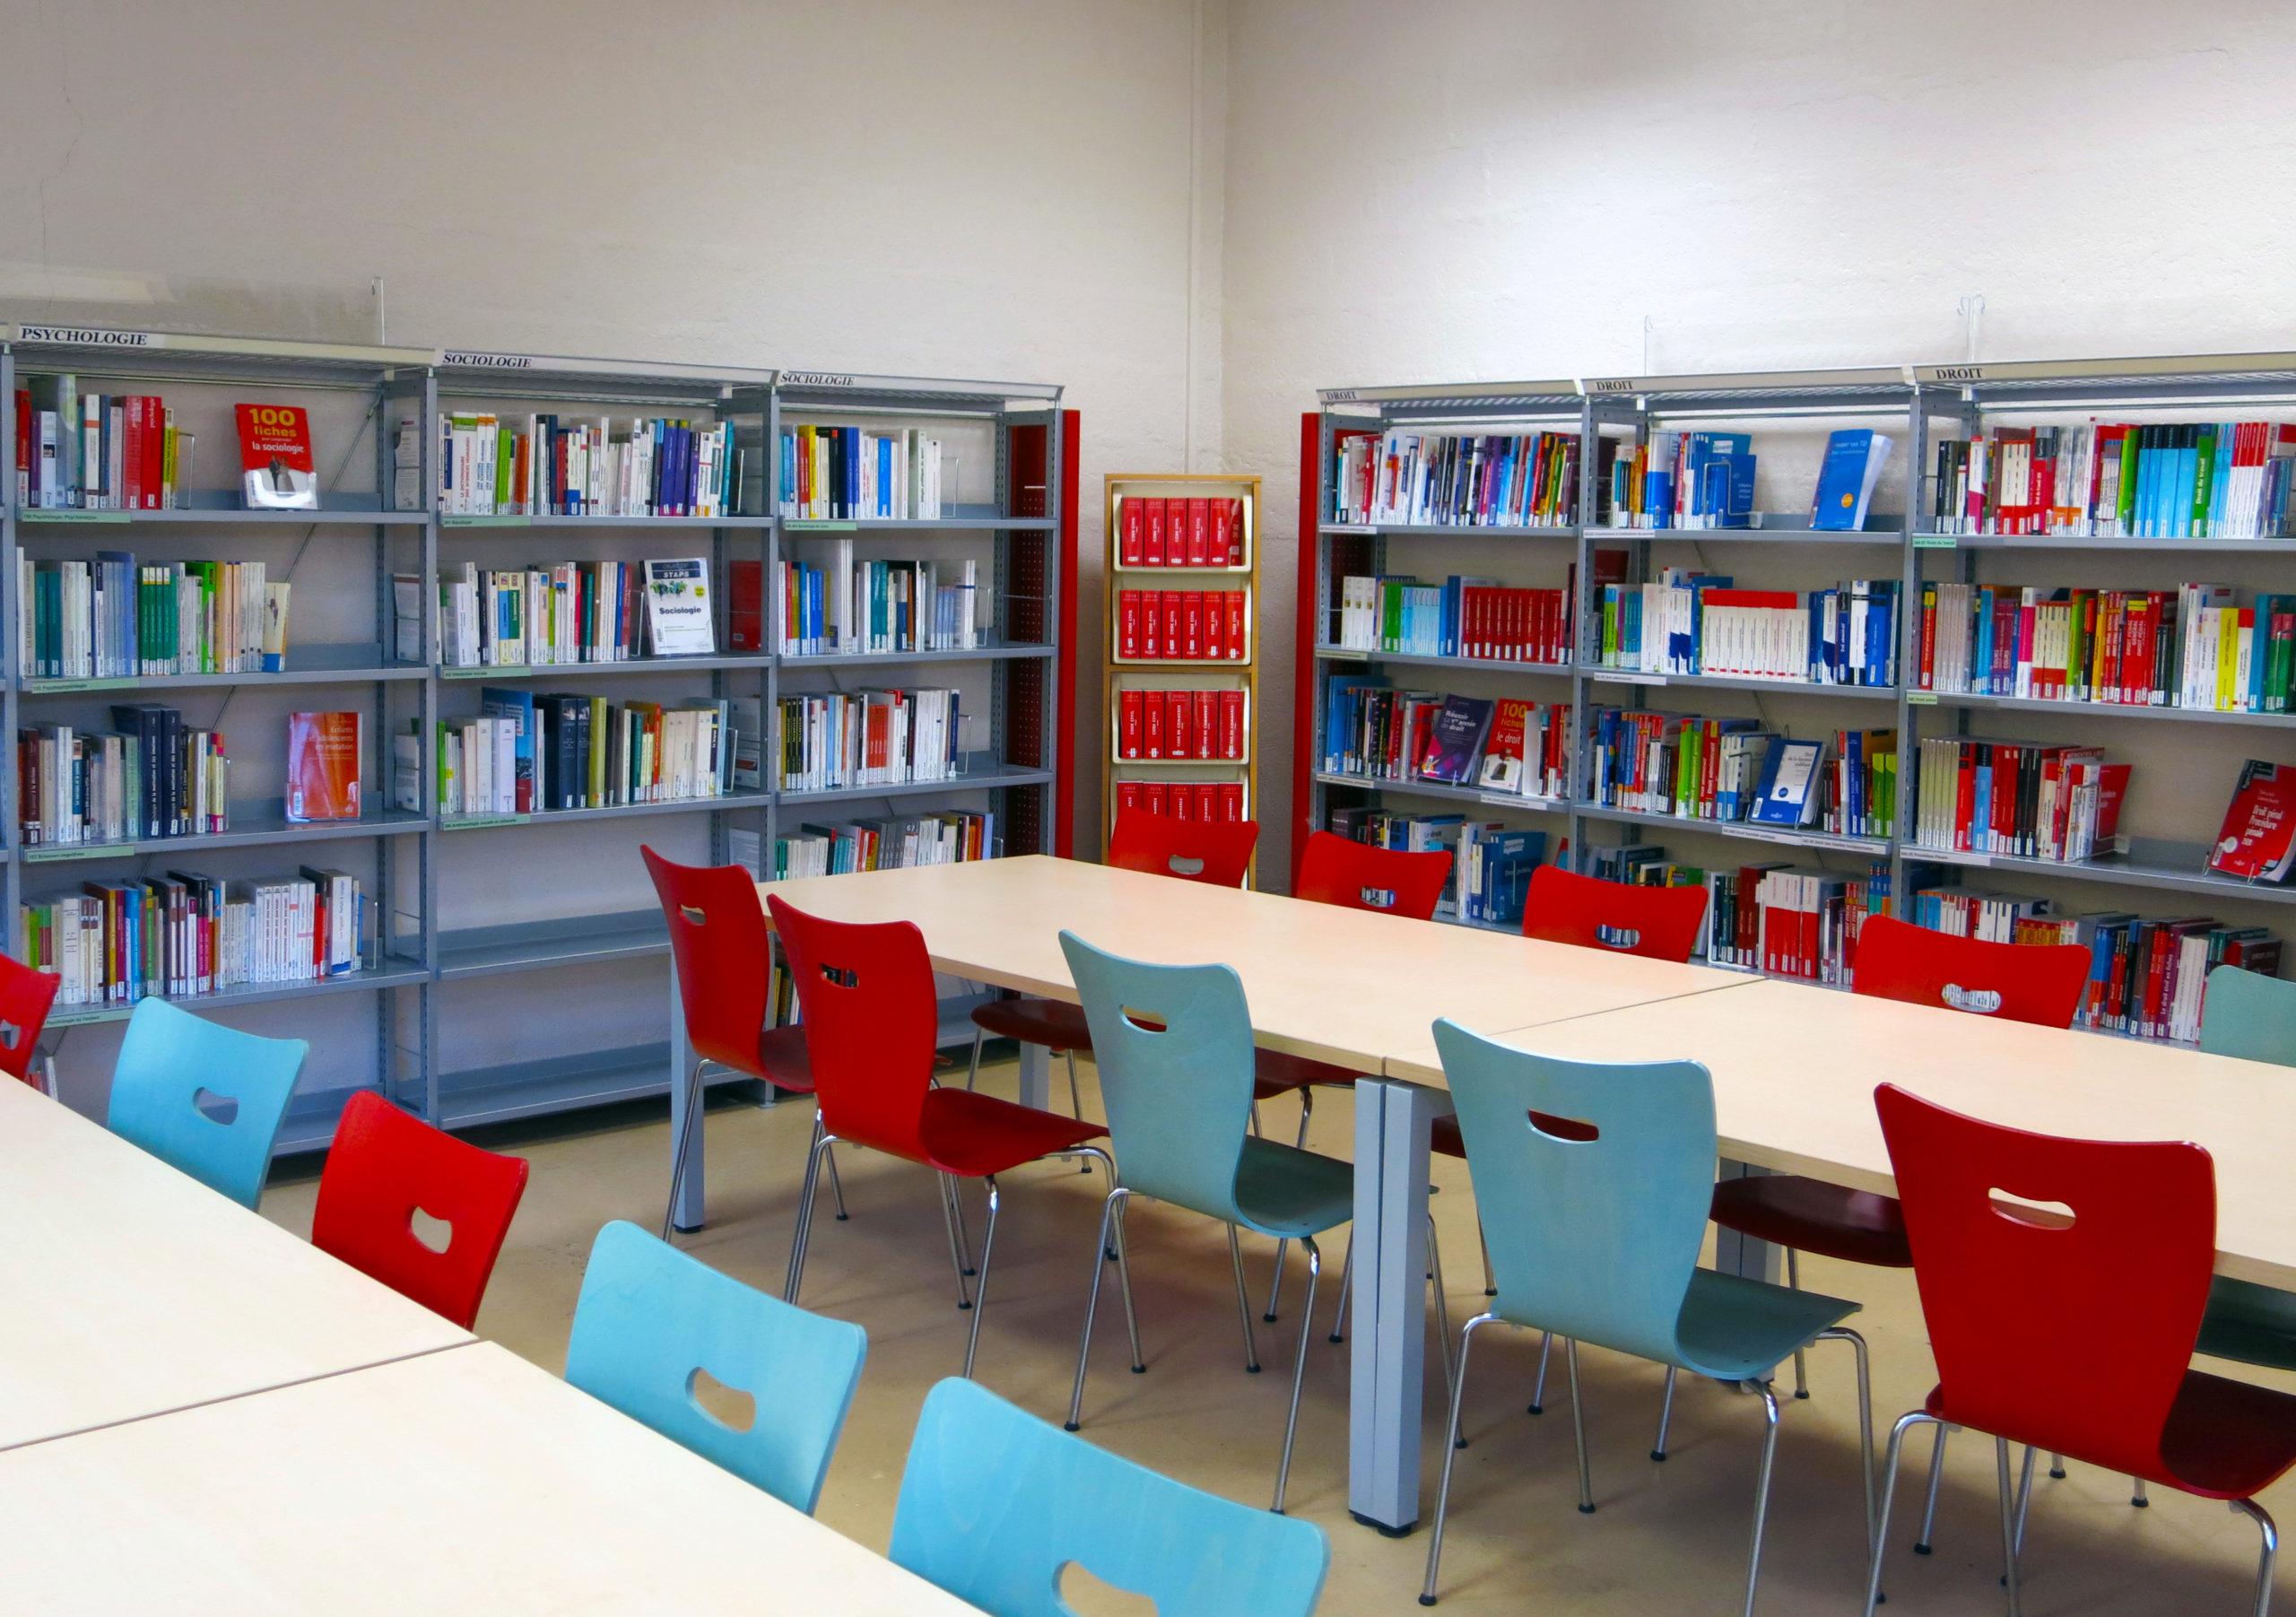 photographie de la bibliothèque universitaire de Soissons / Cuffies : rayonnage et espace de travail